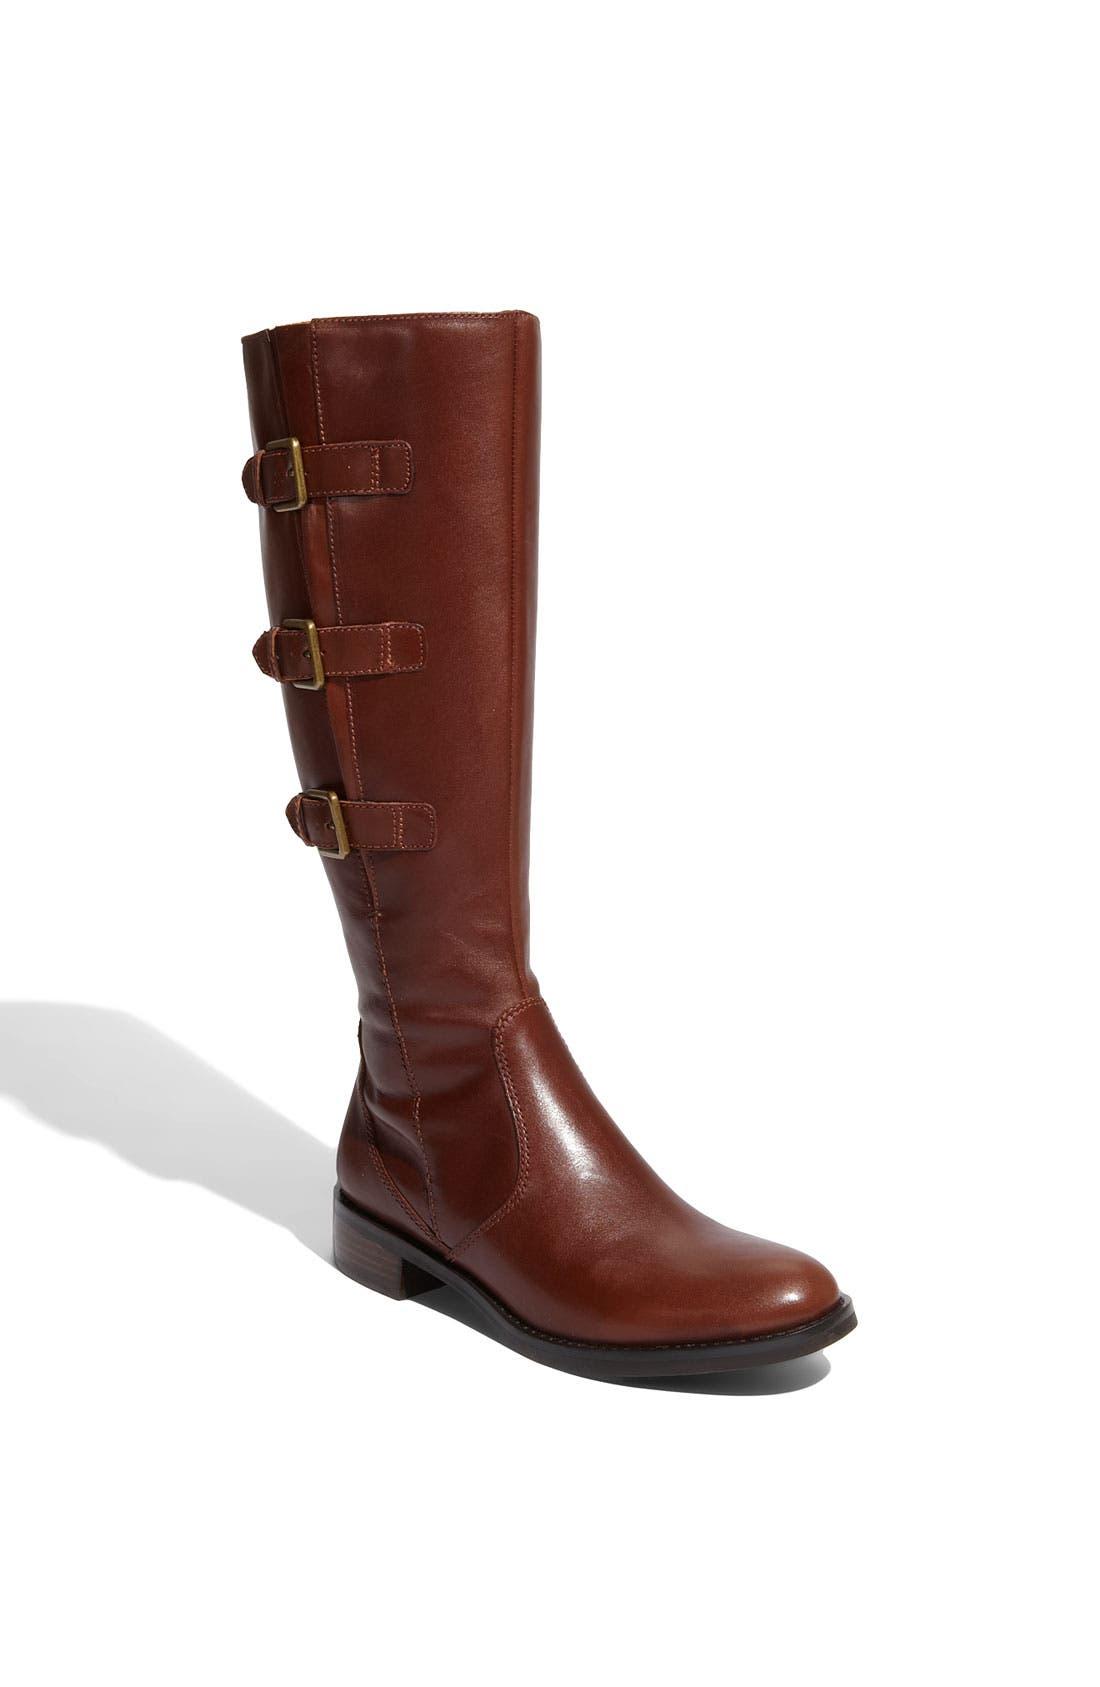 Alternate Image 1 Selected - ECCO 'Hobart' Boot